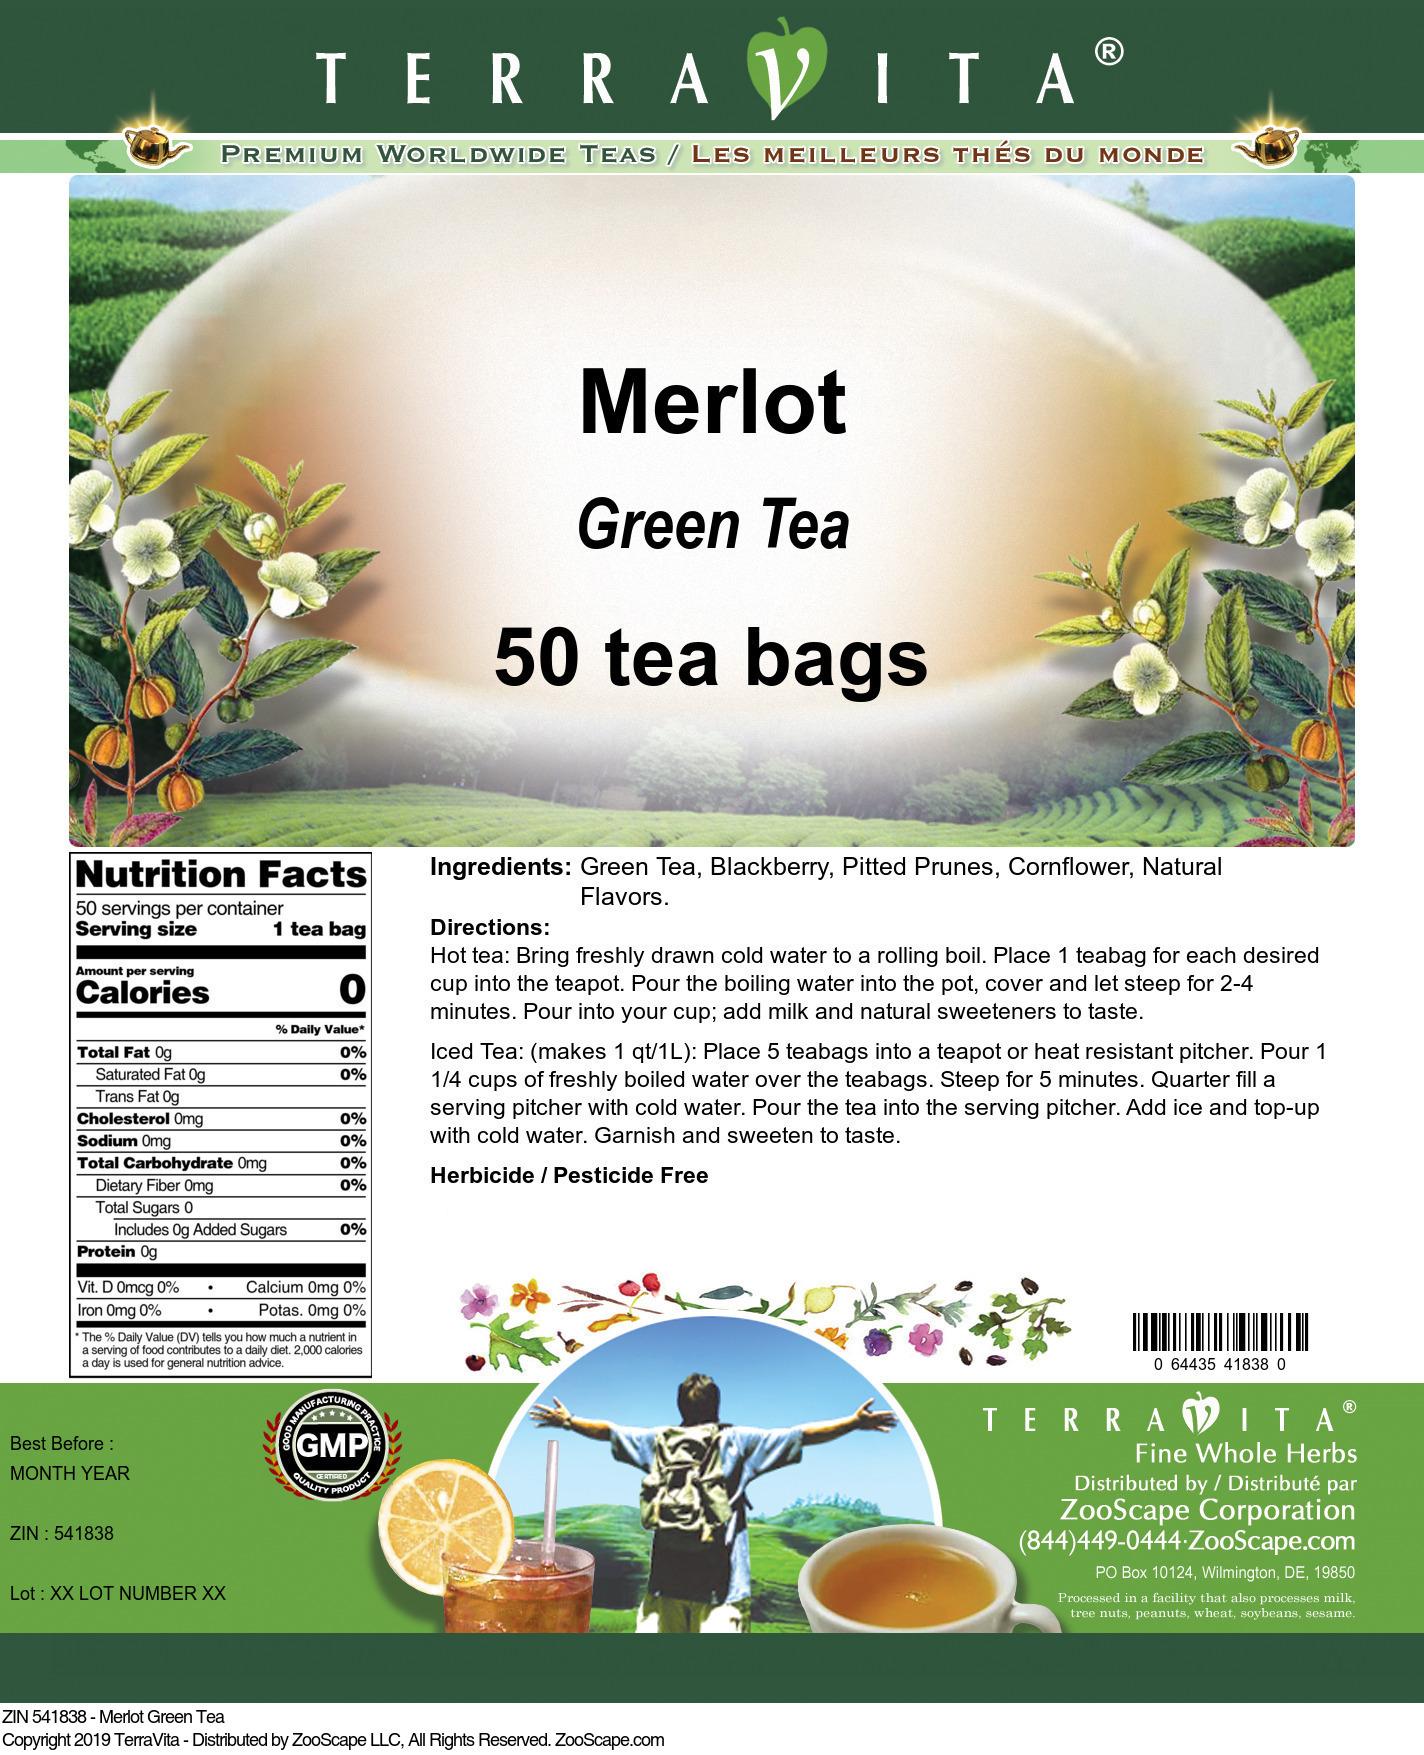 Merlot Green Tea